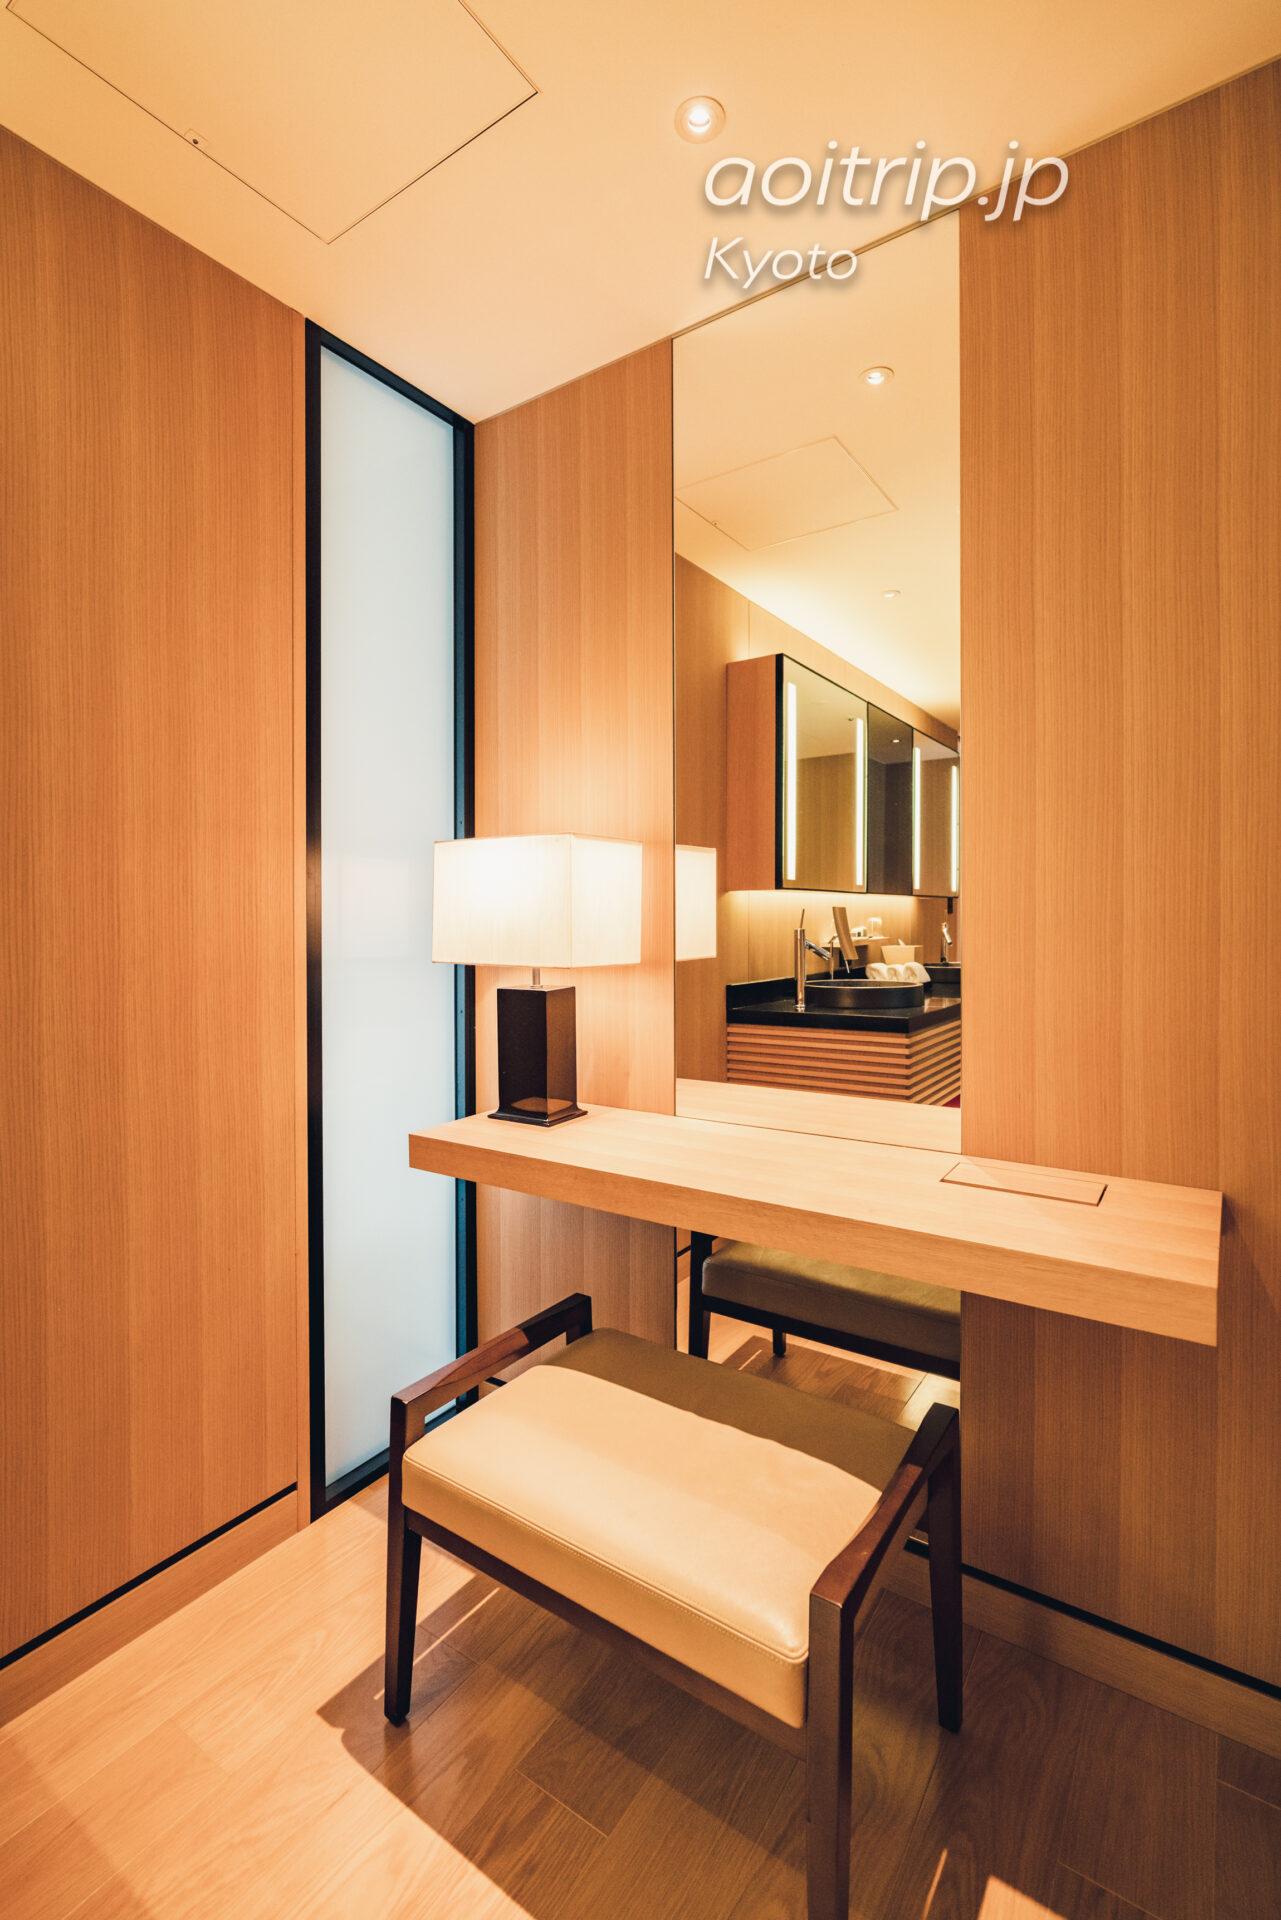 ザ リッツ カールトン京都 The Ritz-Carlton Kyoto コーナースイート KITA Courner Suite KITA パウダーコーナー